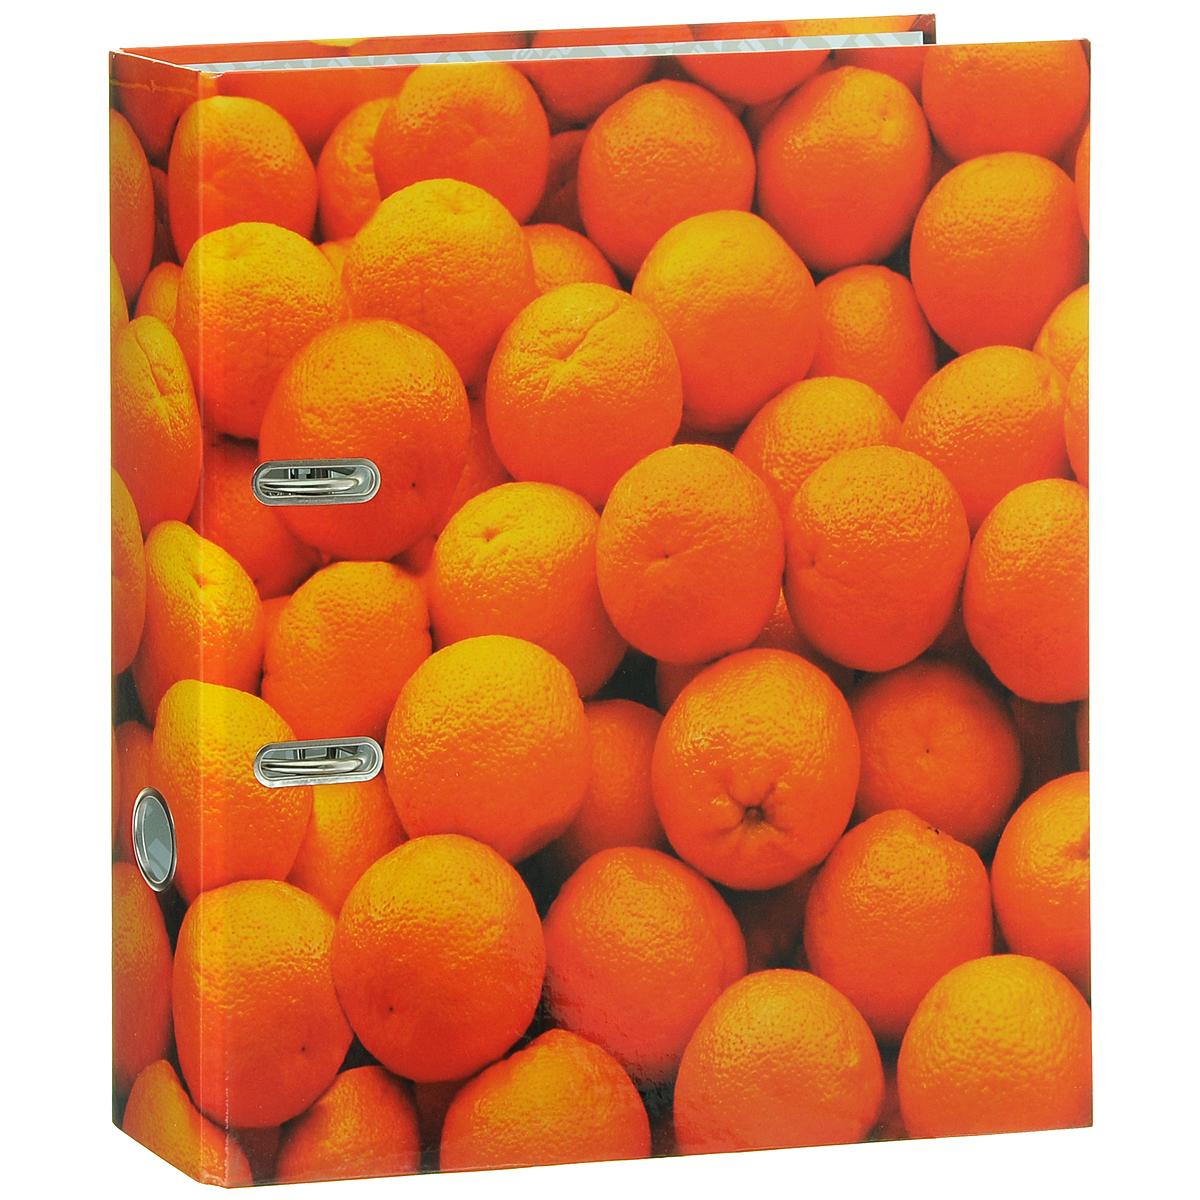 Папка-регистратор Index Апельсин, ширина корешка 80 мм, цвет: оранжевыйIN111102Папка-регистратор Index Апельсин незаменима для работы с большими объемами бумаг дома и в офисе. Папка изготовлена из износостойкого высококачественного картона толщиной 2 мм, имеет ламинацию как снаружи, так и внутри. Папка оснащена прочным металлическим арочным механизмом, обеспечивающим надежную фиксацию перфорированных бумаг и документов формата А4. Для папки используется фурнитура только европейского производства. На торце папки расположено металлическое кольцо для удобства использования. Обложка папки оформлена красочным изображением спелых апельсинов. Папка-регистратор станет вашим надежным помощником, она упростит работу с бумагами и документами и защитит их от повреждения, пыли и влаги.